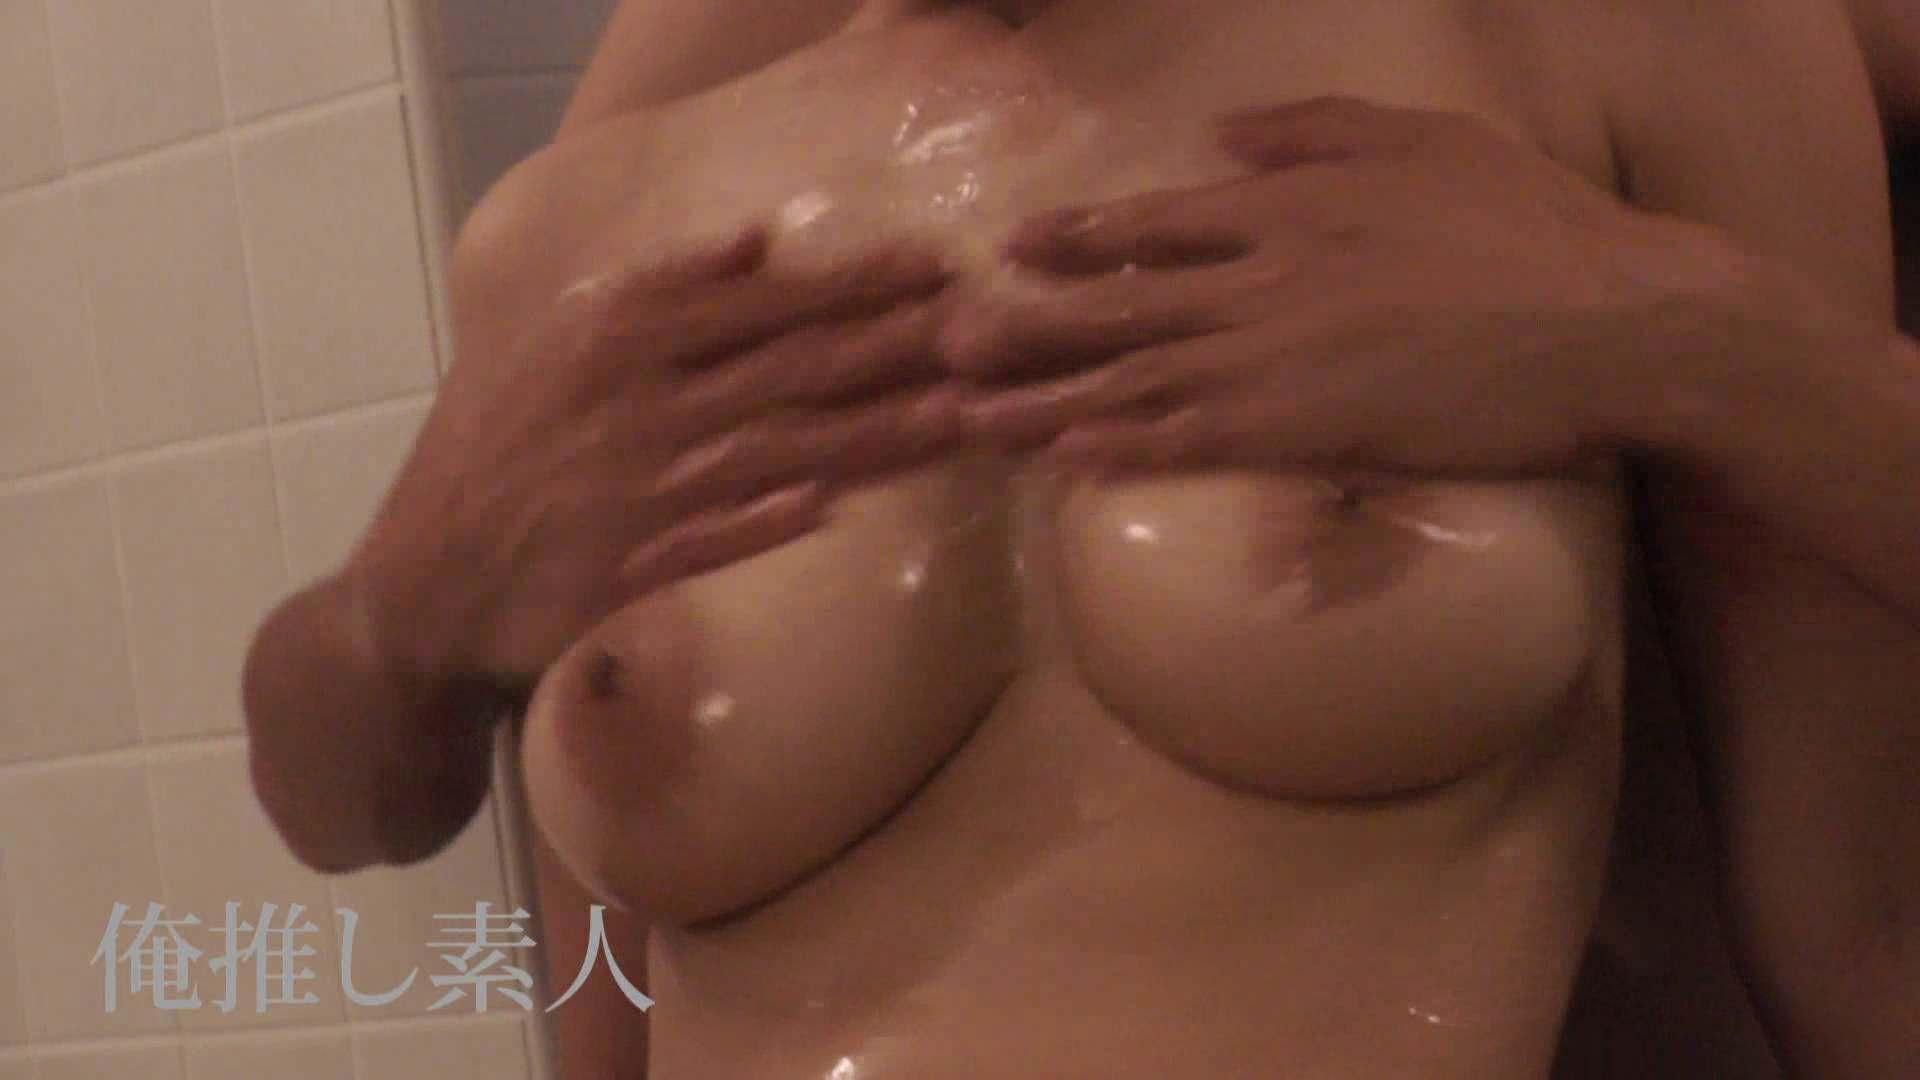 俺推し素人 30代人妻熟女キャバ嬢雫Vol.02 おっぱい特集  63pic 56